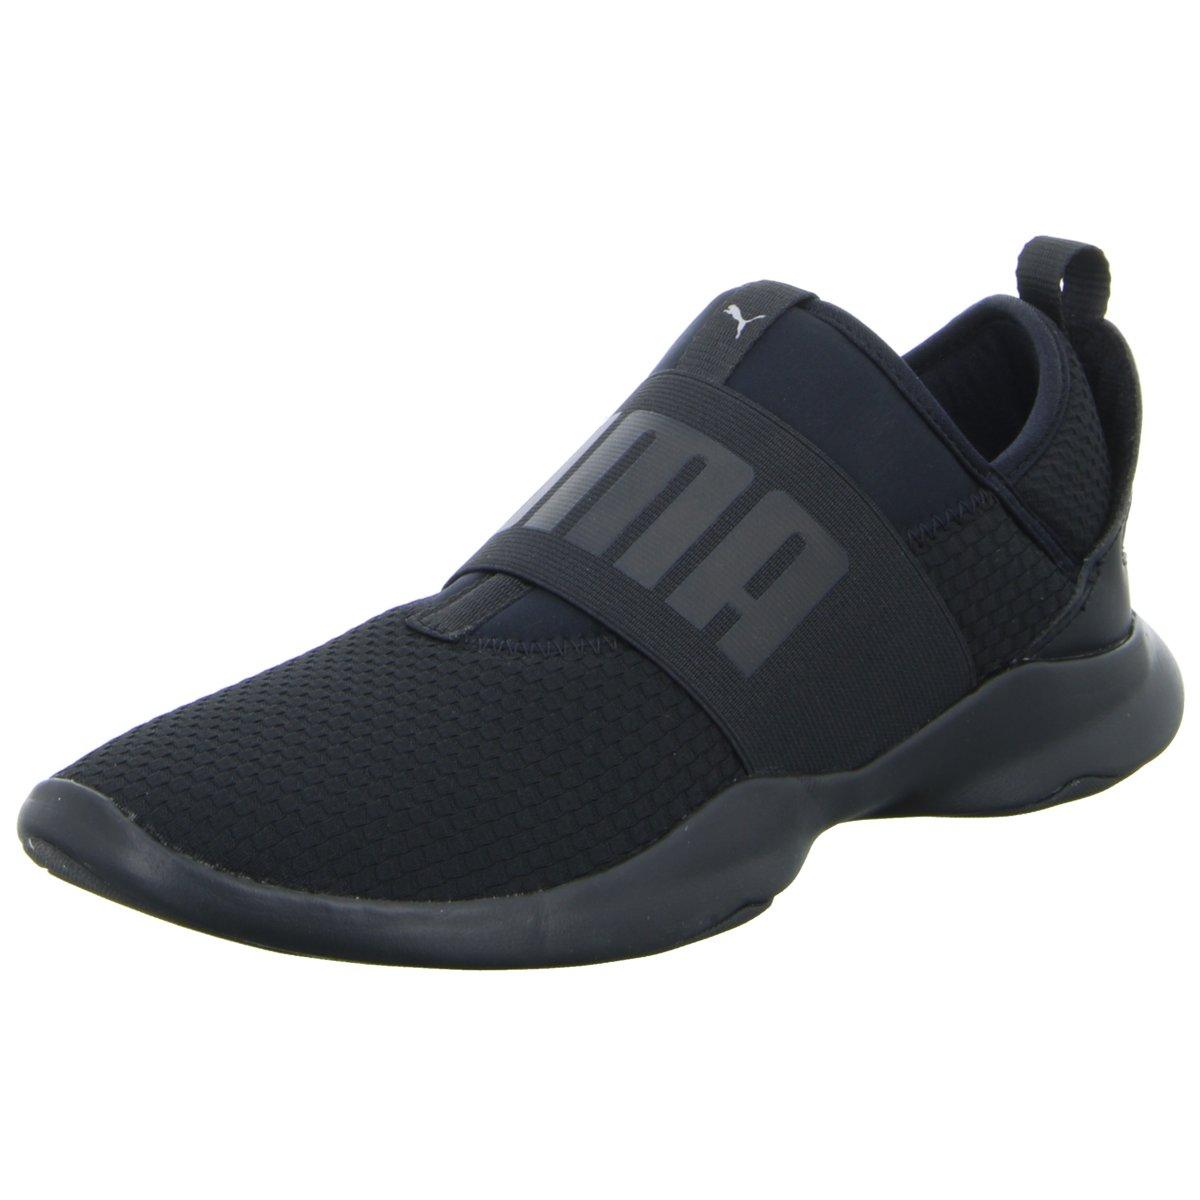 uk availability 6822e a84a3 Details zu Puma Damen Slipper Running Dare Wns EP 365251 002 schwarz 407029